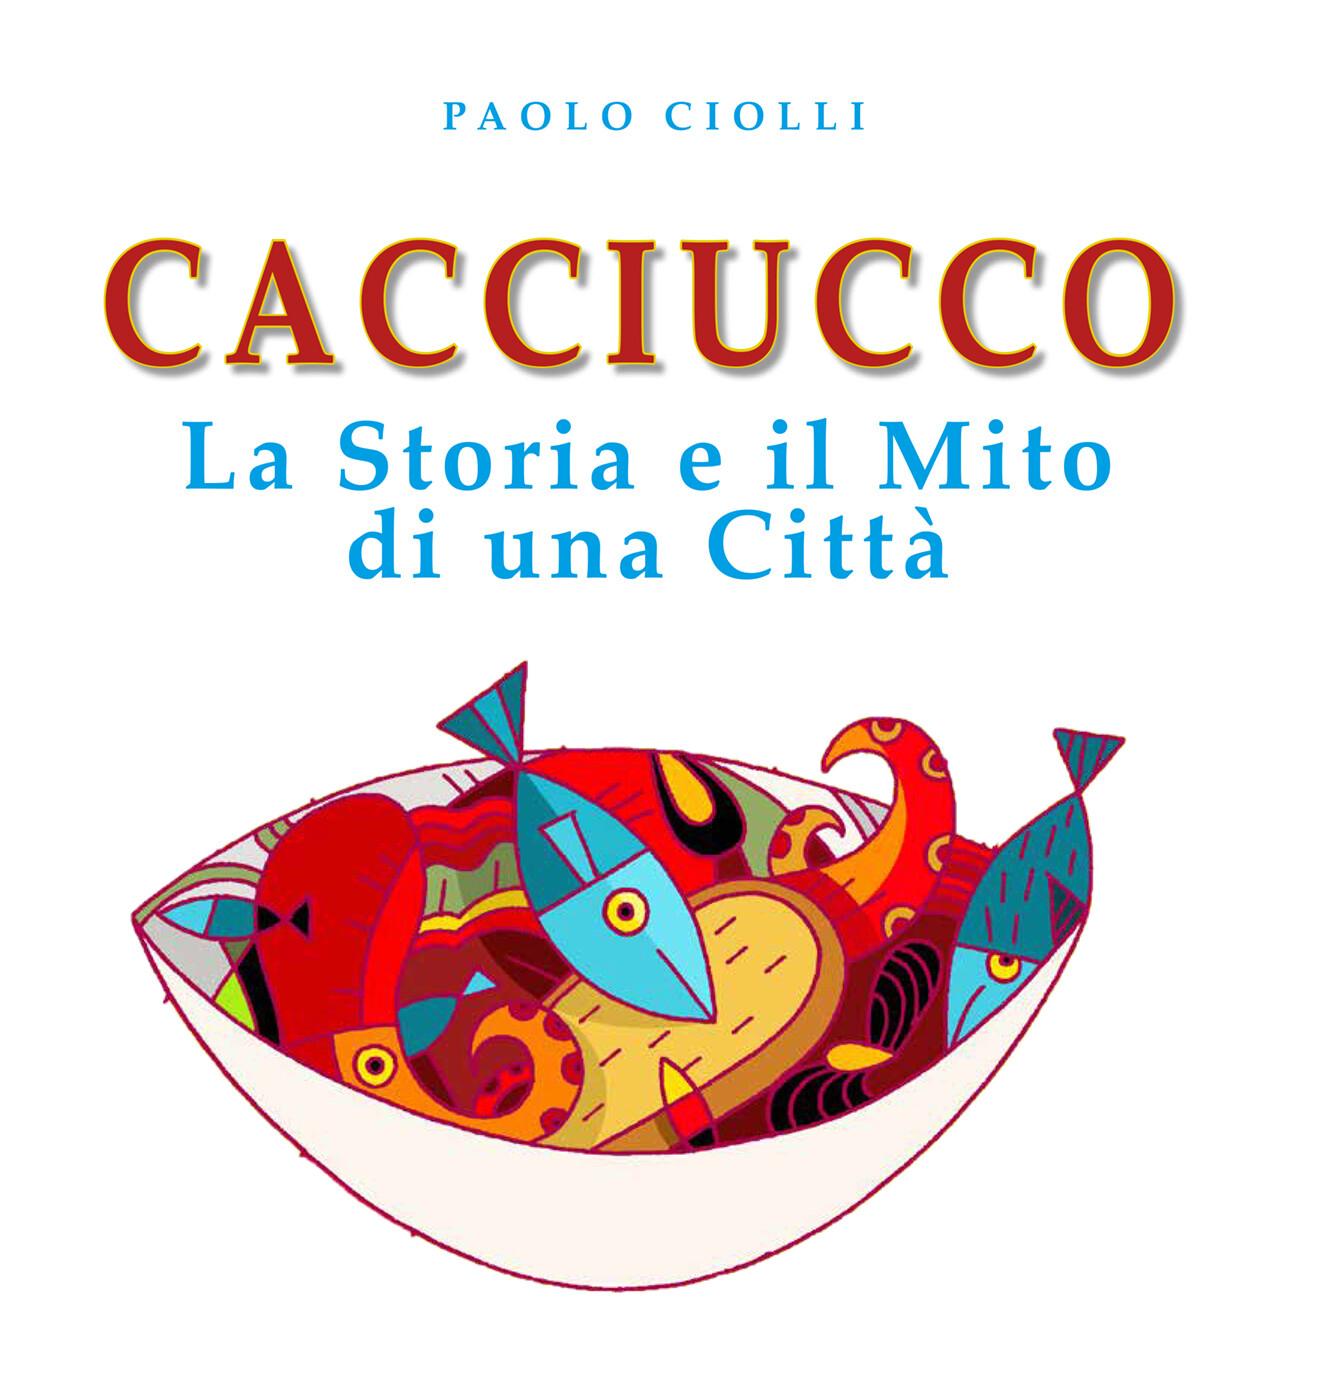 CACCIUCCO, LA STORIA E IL MITO DI UNA CITTA'